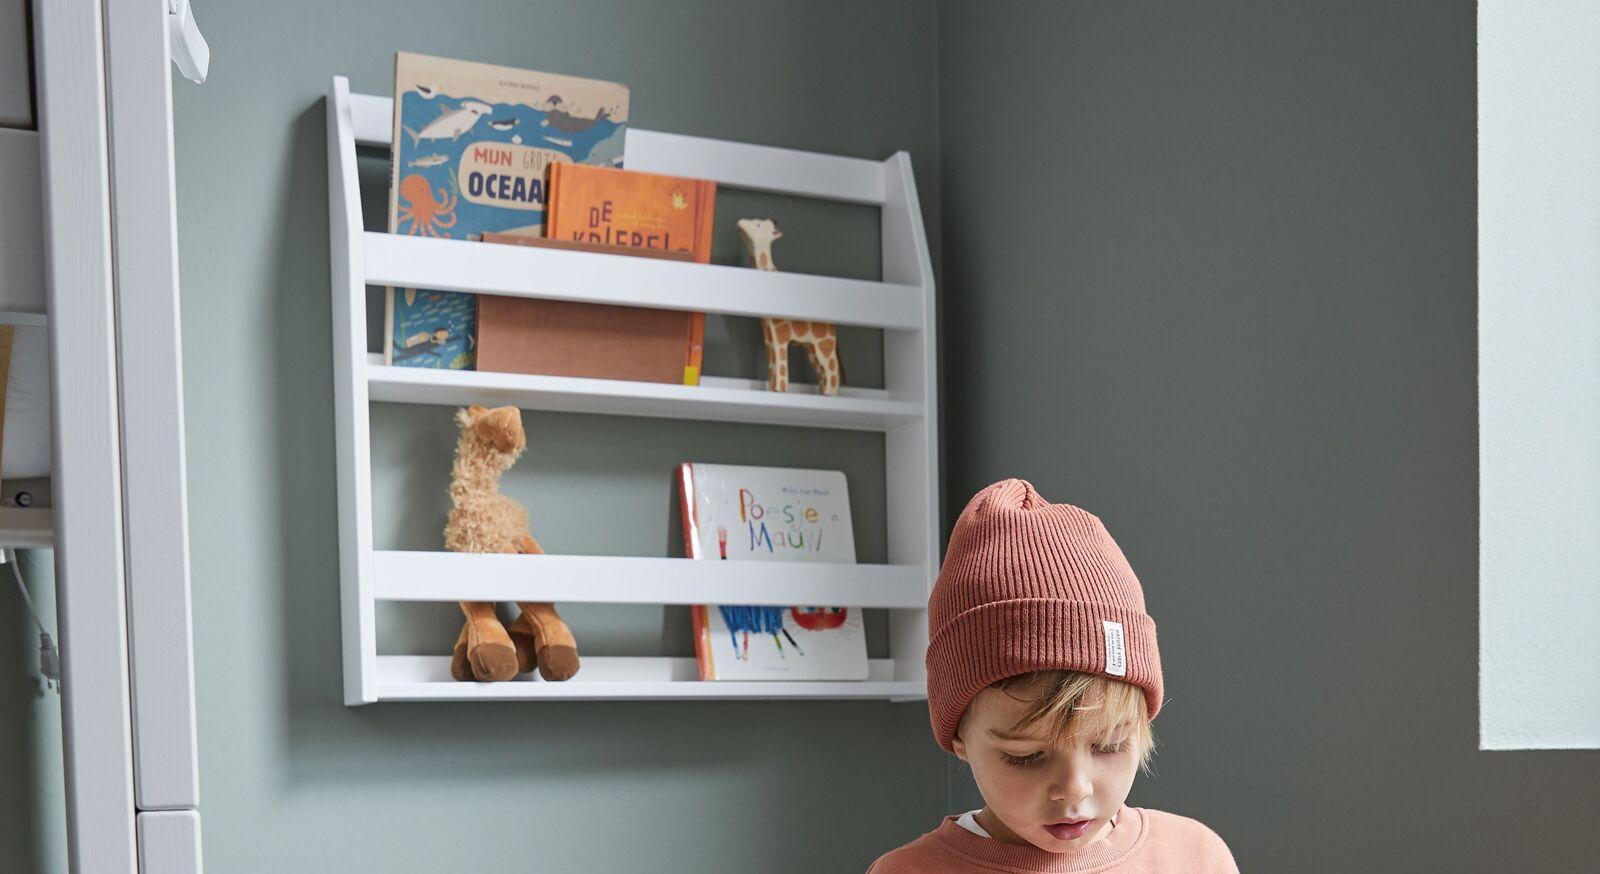 Stabiles LIFETIME Bücher-Hängeregal Original aus Echtholz